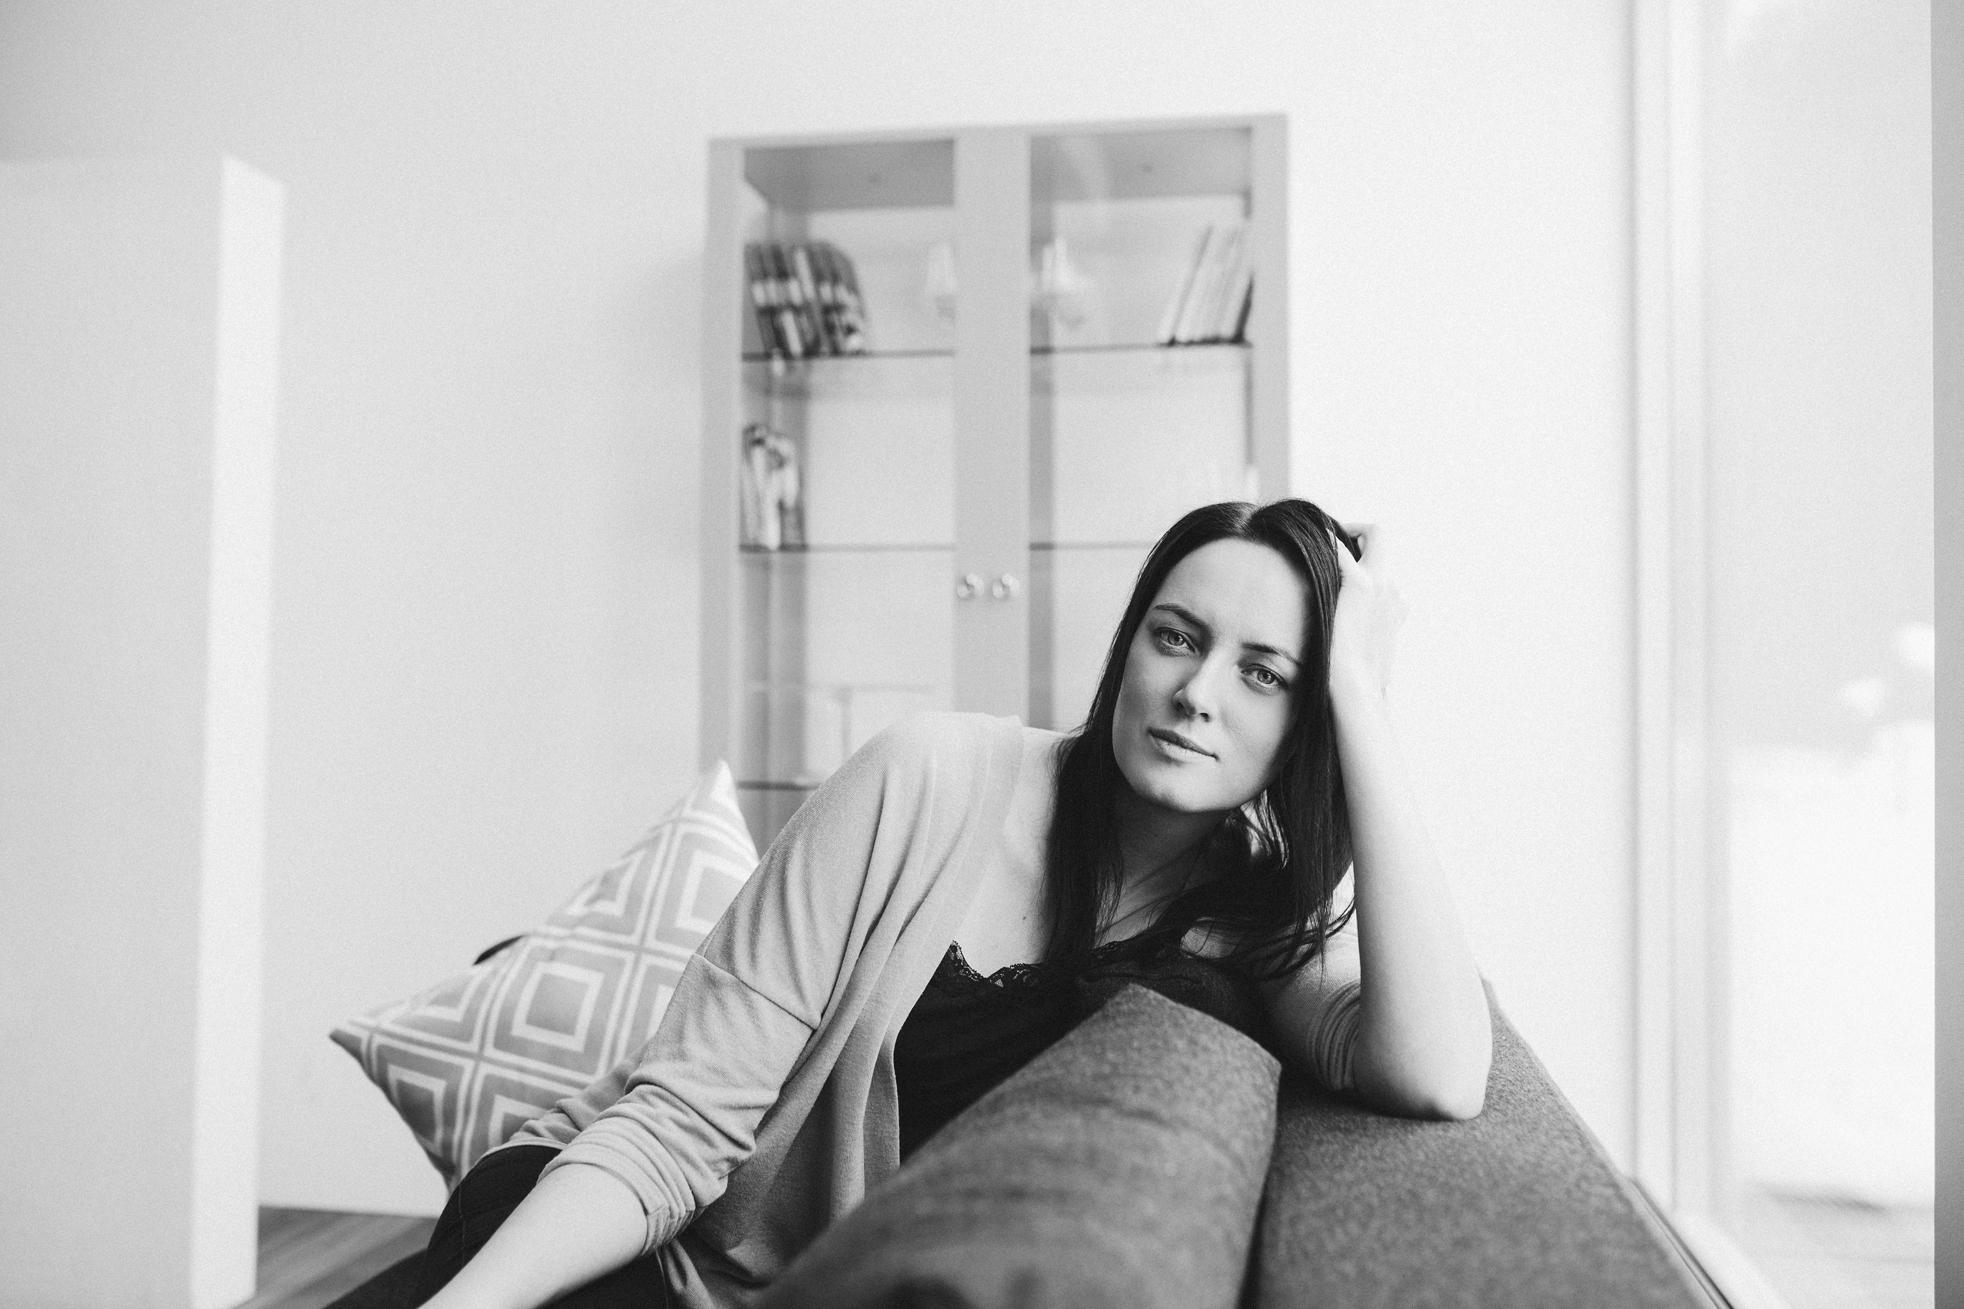 Photo taken by Kristel Vokk